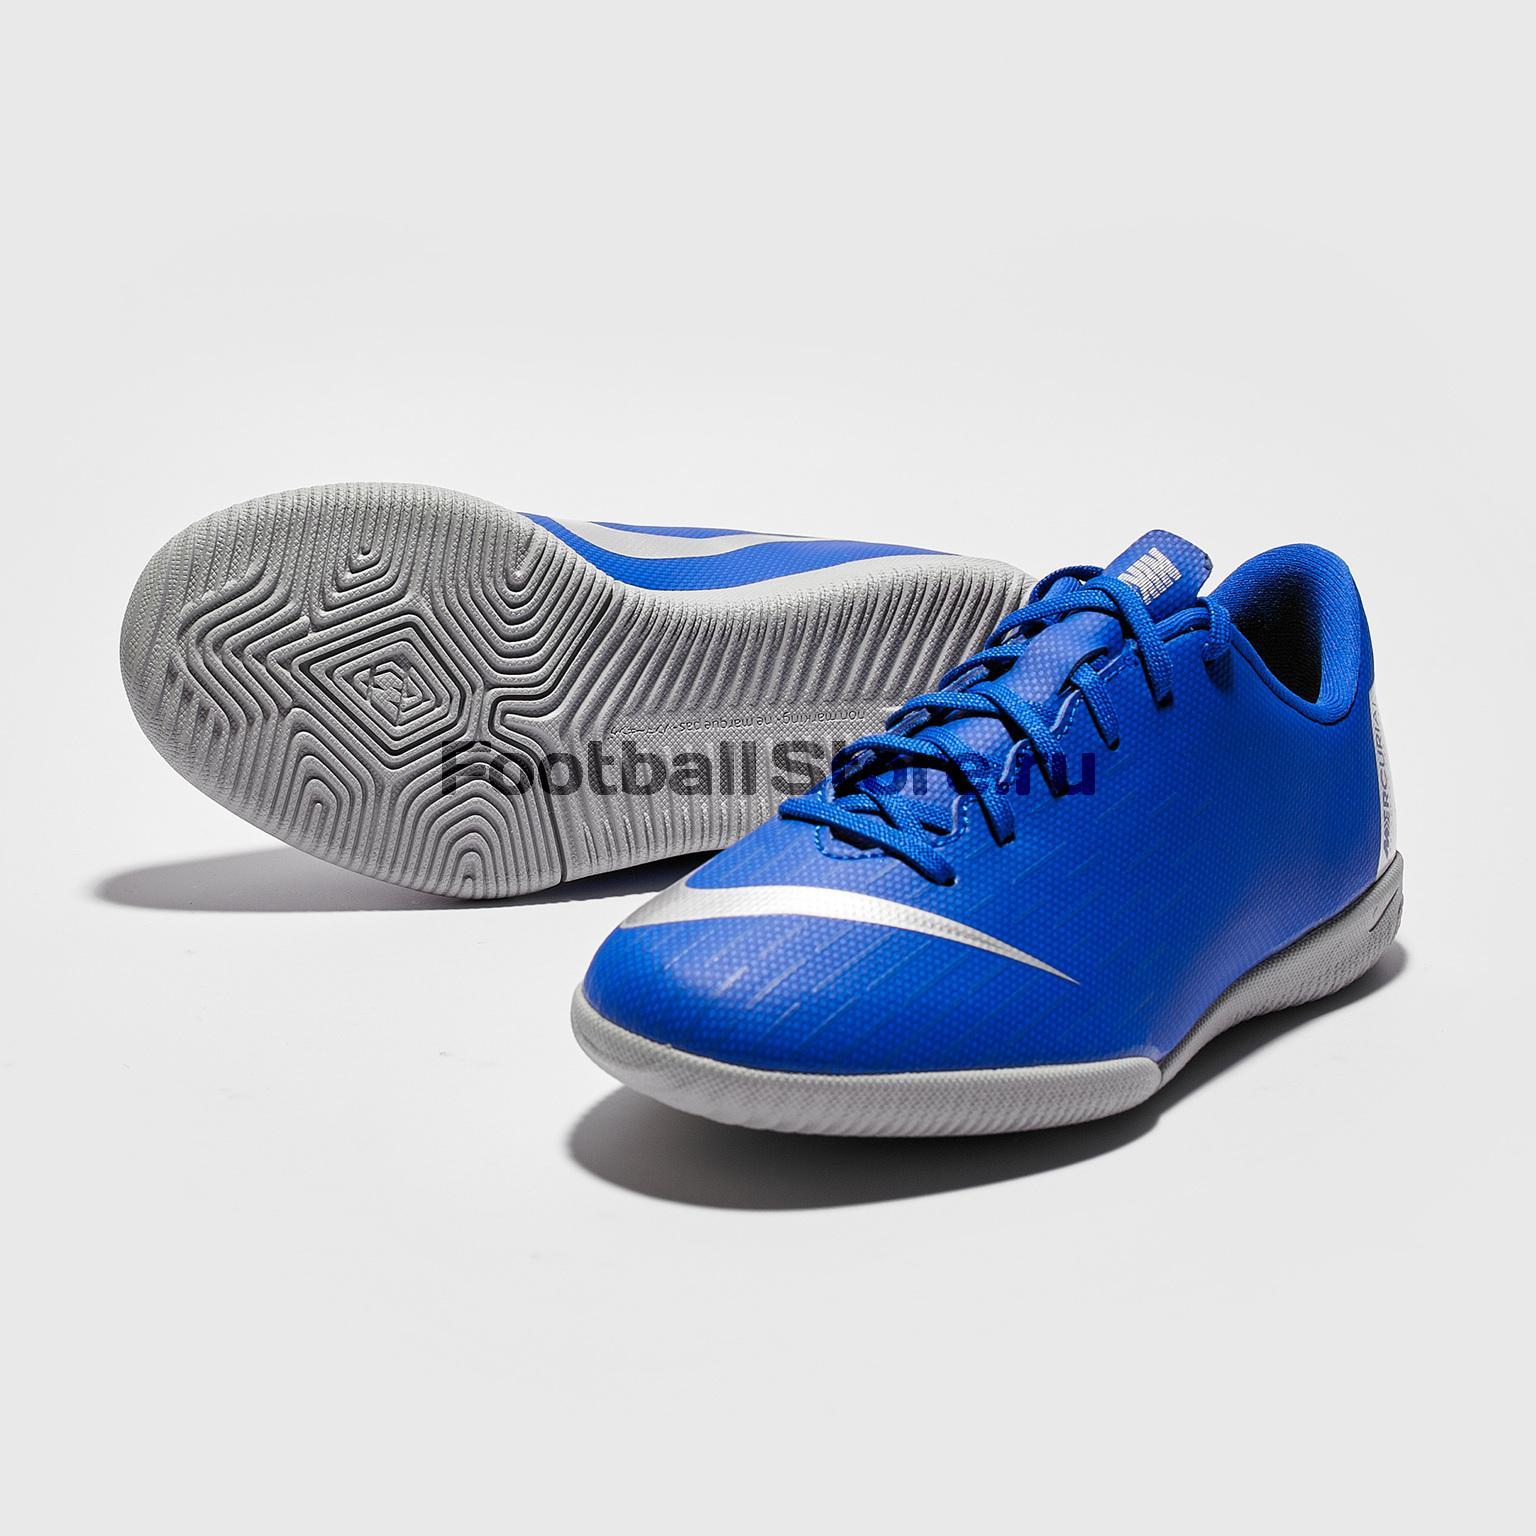 Футзалки детские Nike Vapor 12 Academy GS IC AJ3101-400 цена